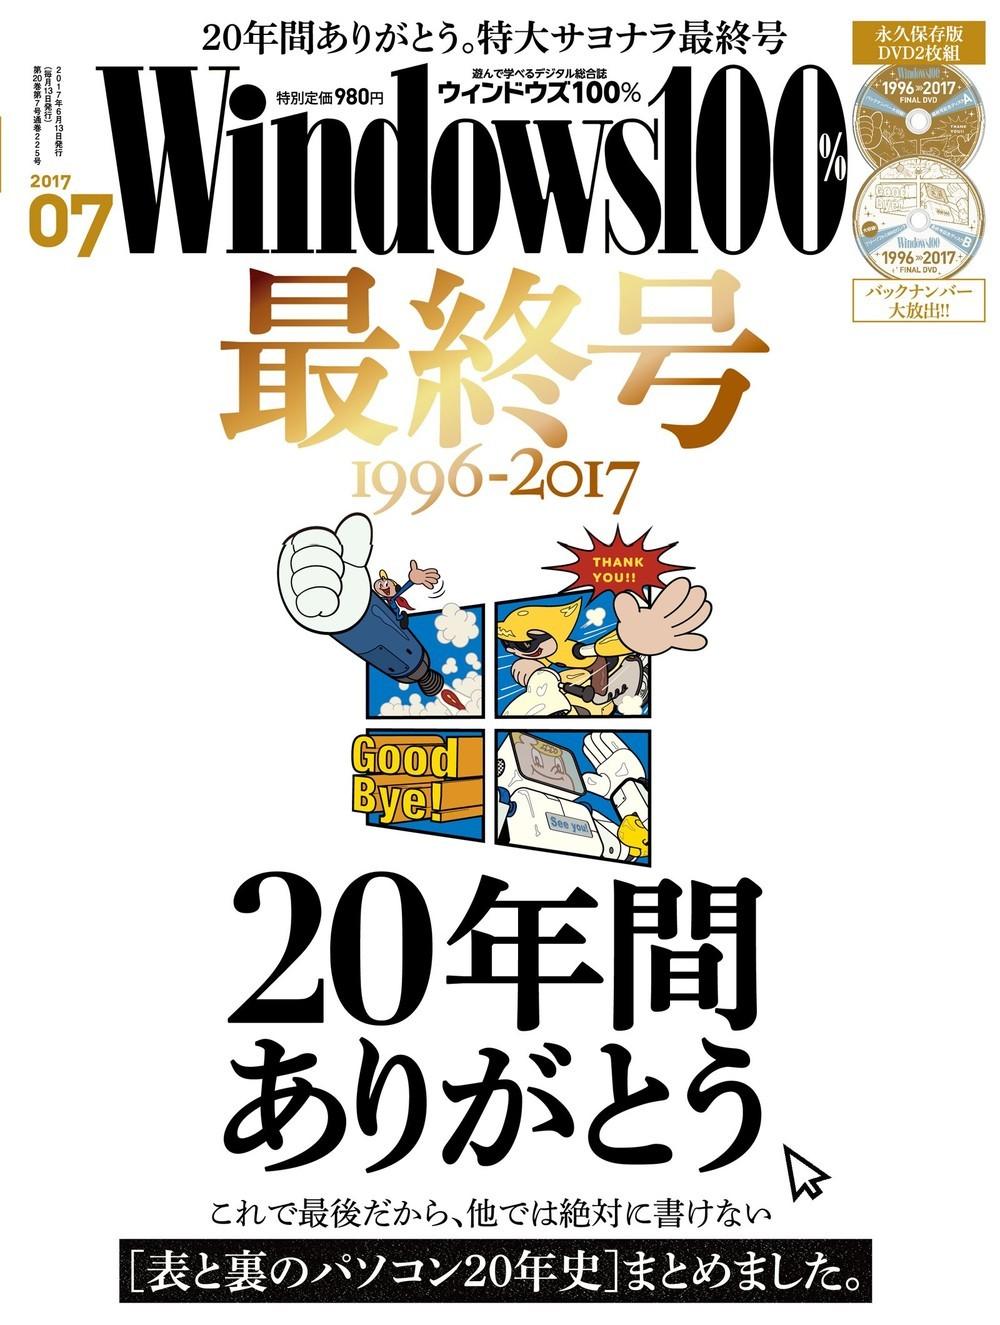 パソコン情報誌「Windows100%」休刊 20年の歴史に幕、「お世話になりました」